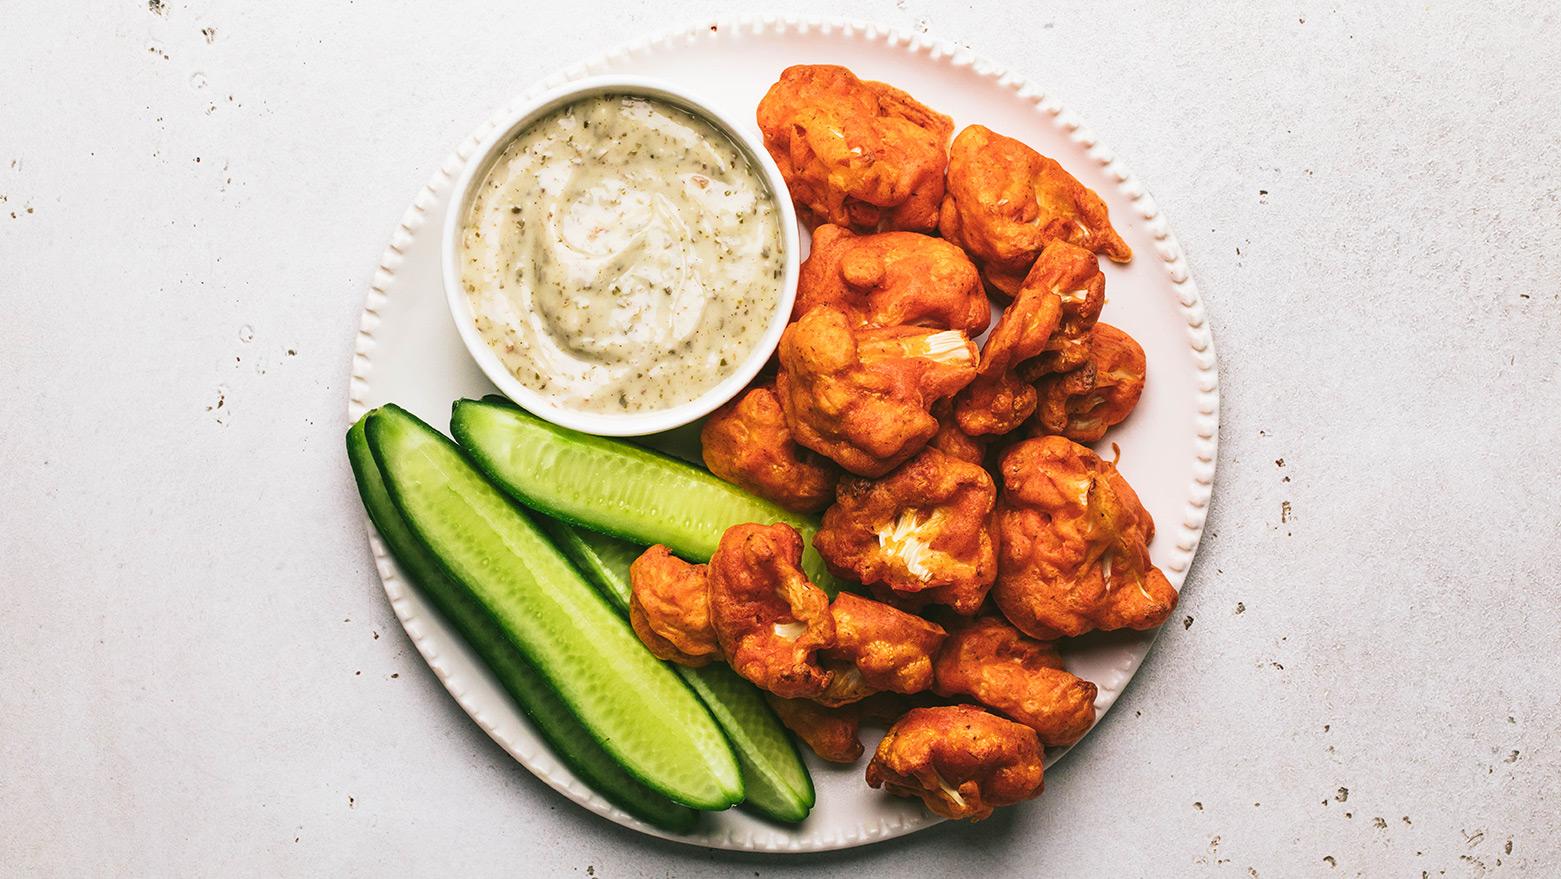 vegan-Spicy-Cauliflower-Wings-video